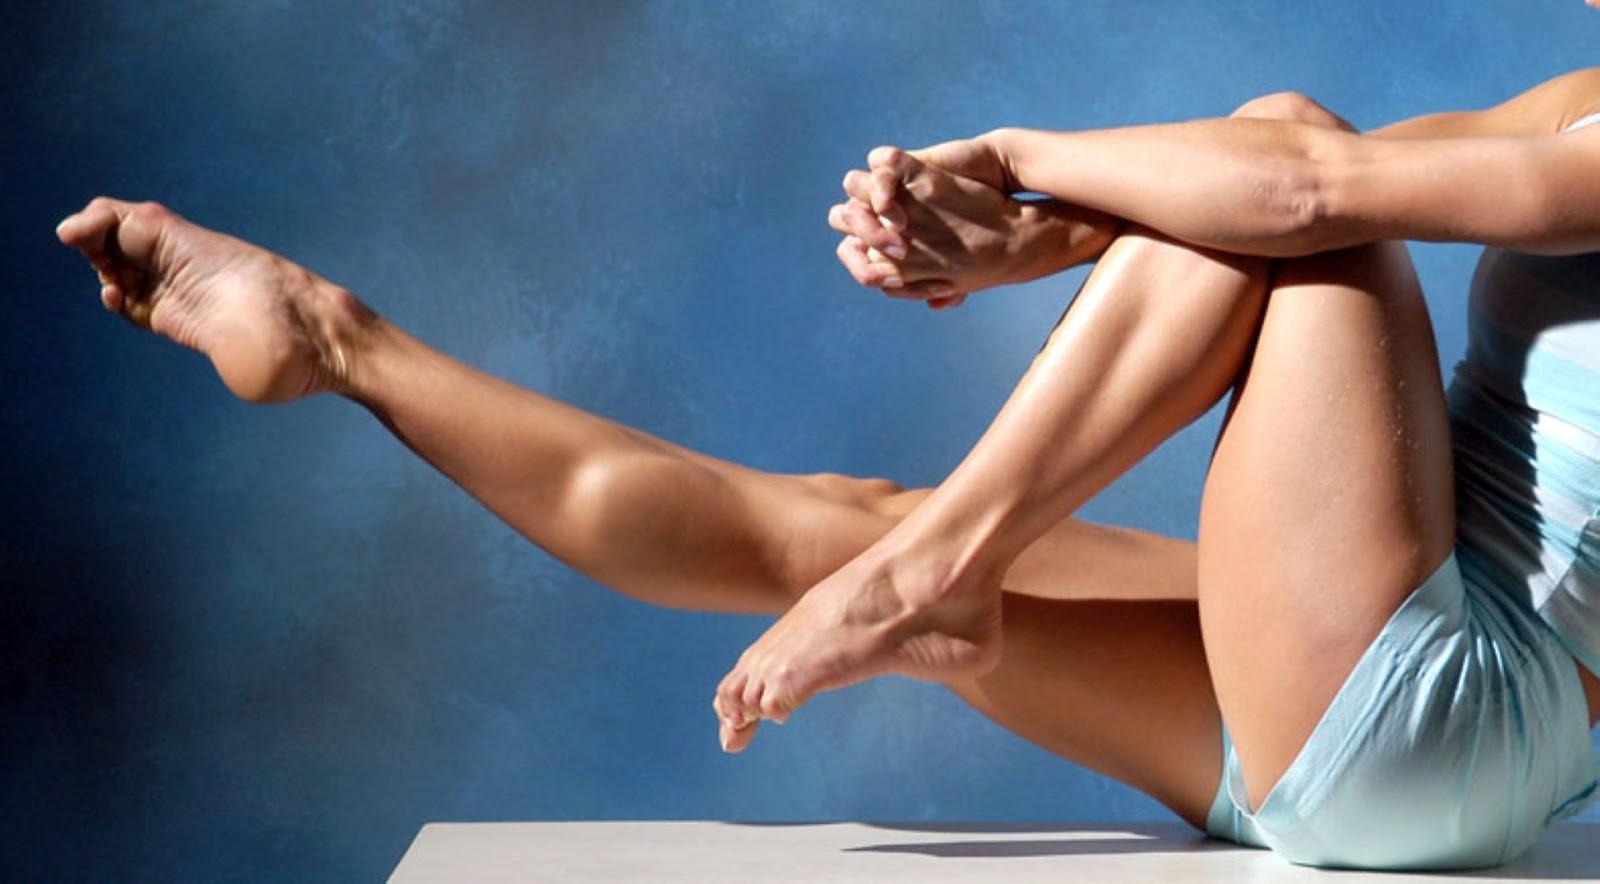 Связанные руки и ноги у девушек 24 фотография